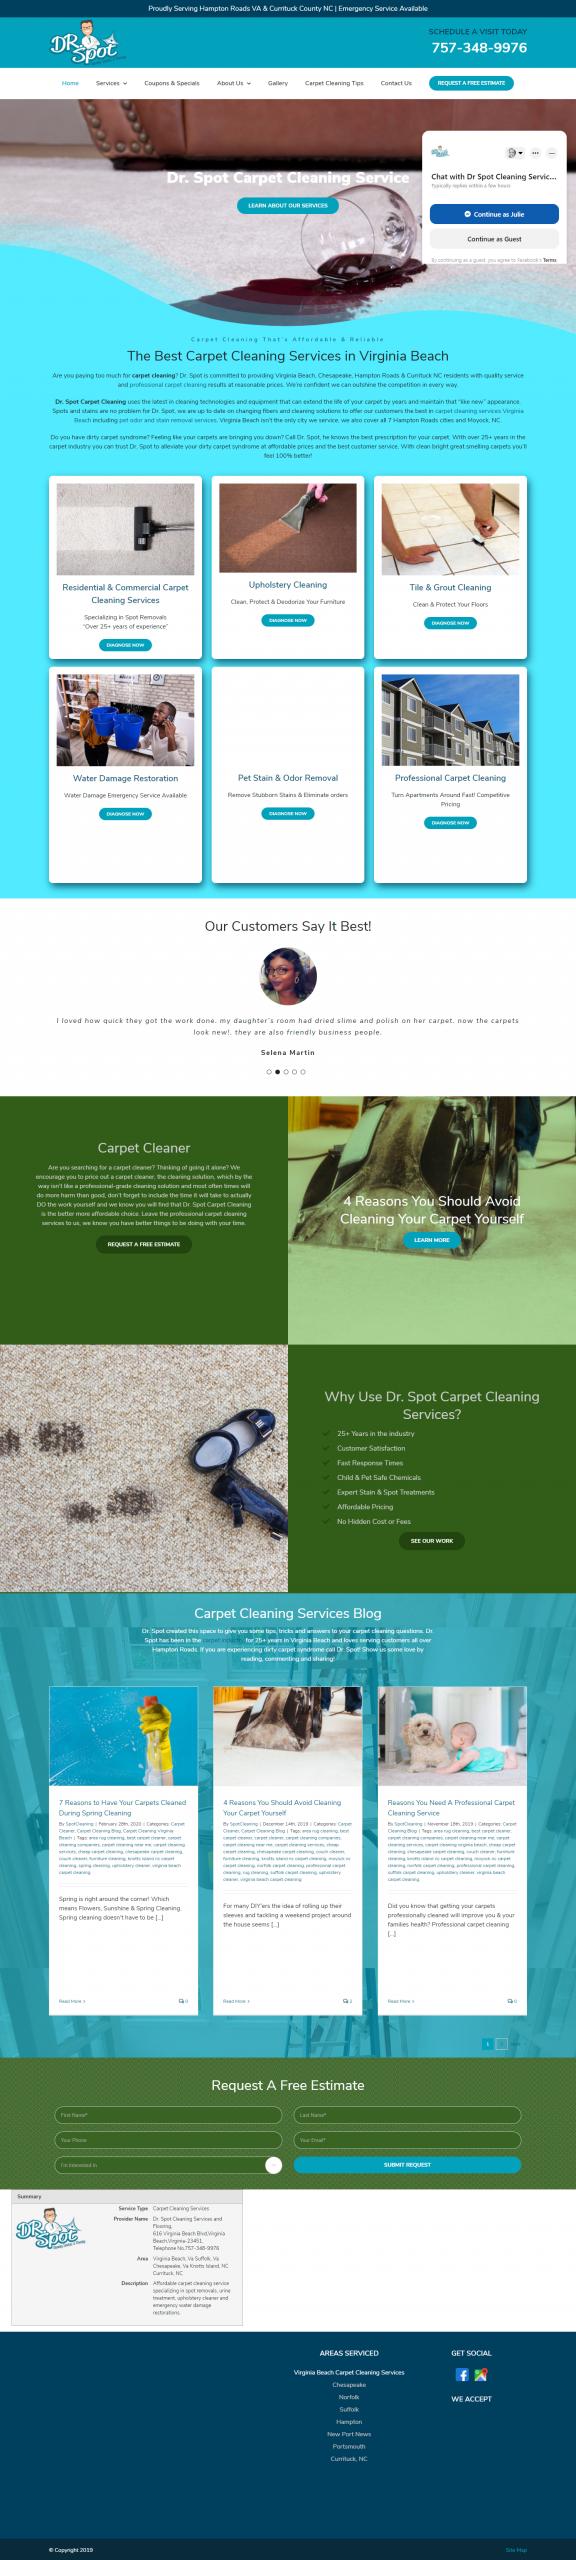 seo carpet cleaning virginia beach